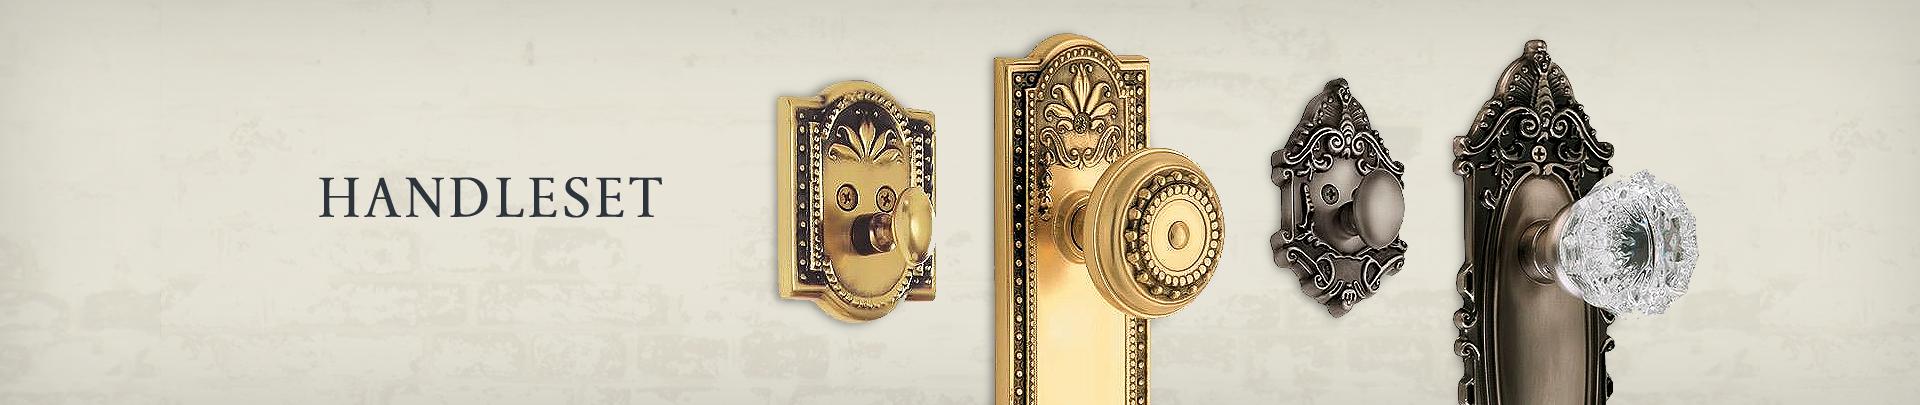 door-handlesets.png